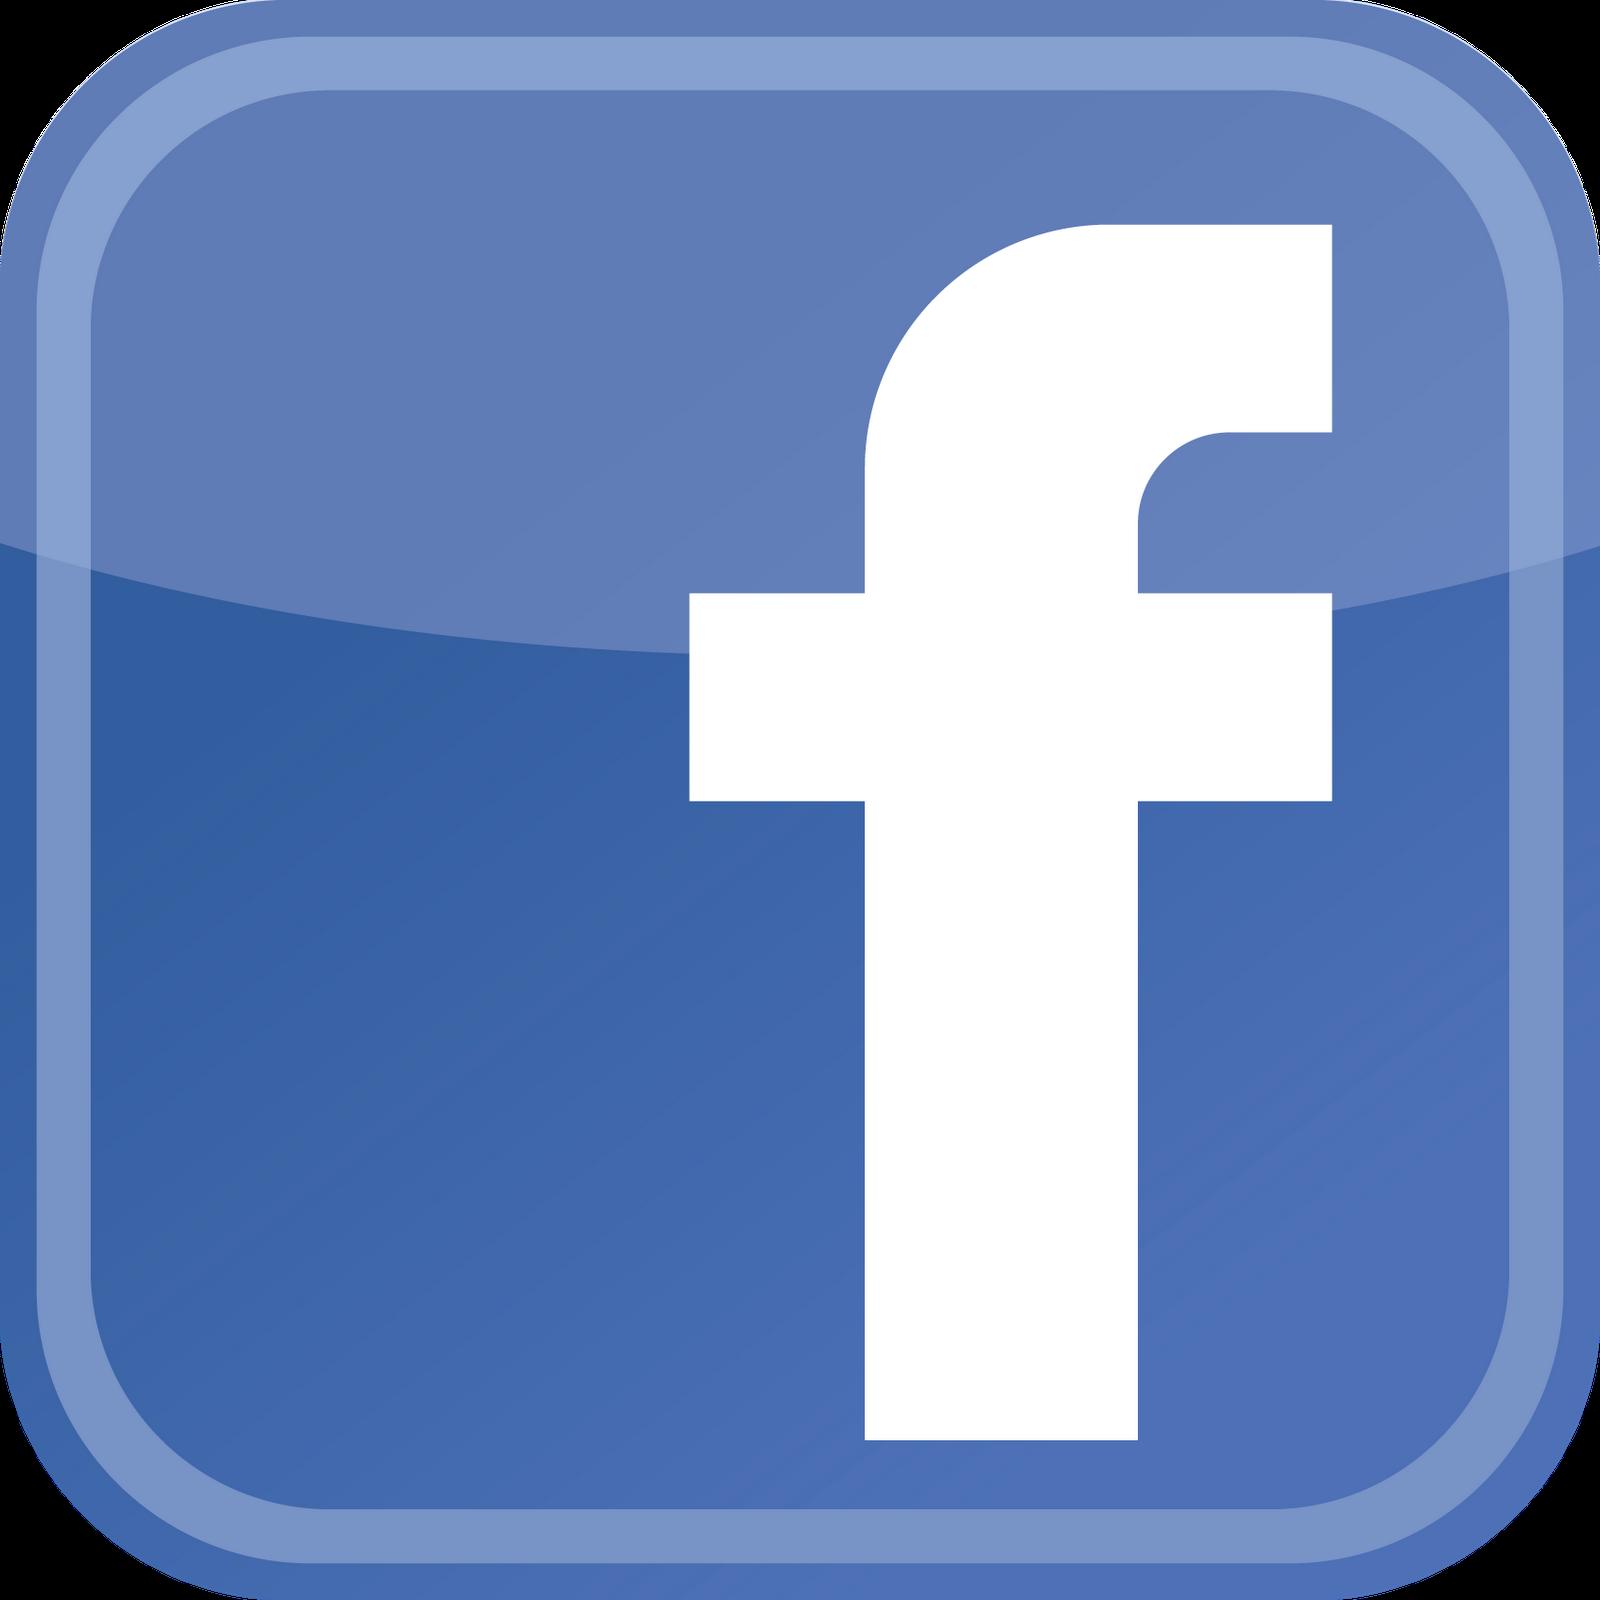 Facebook este data in judecata pentru colectarea datelor despre istoricul de apeluri si mesaje